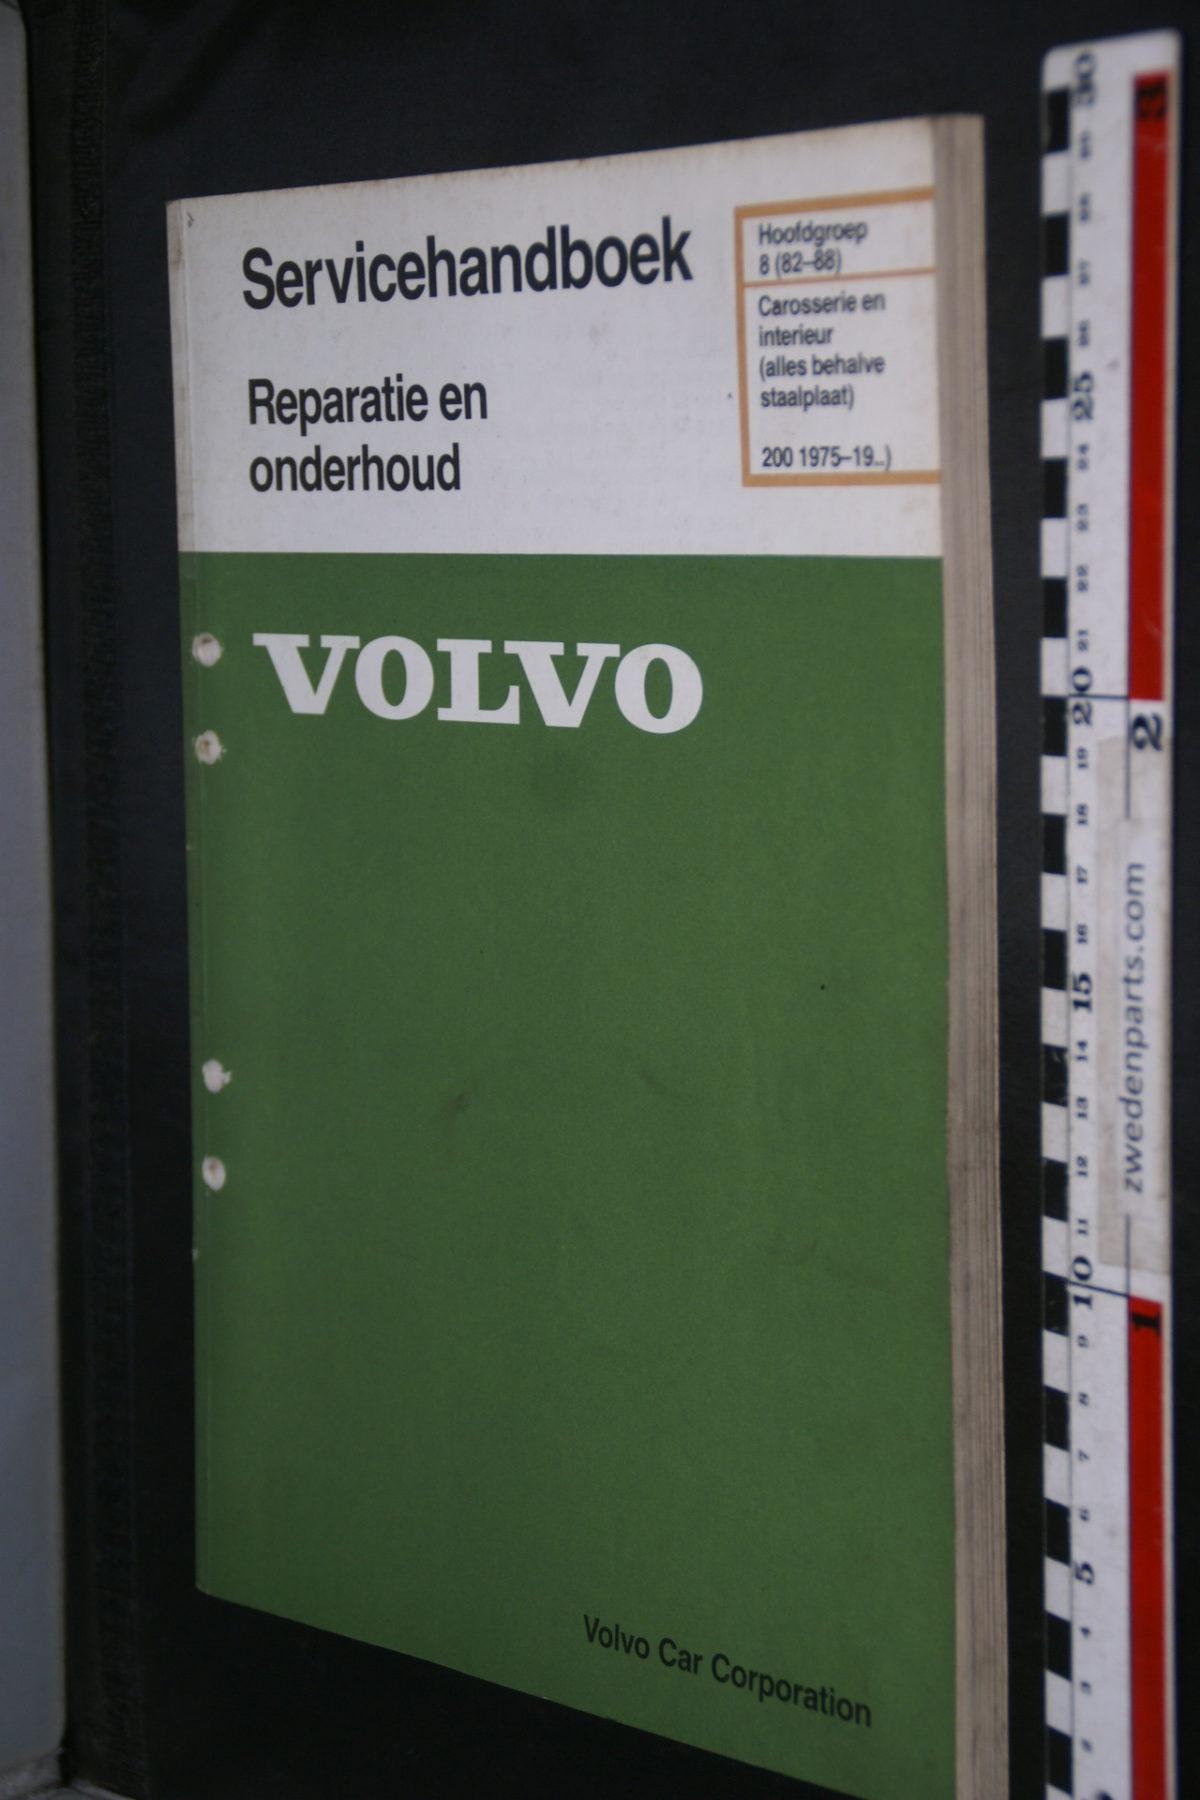 DSC08619 1987 origineel Volvo 200 servicehandboek  8 (82-88) carosserie en interieur 1 van 800 TP 31124-1